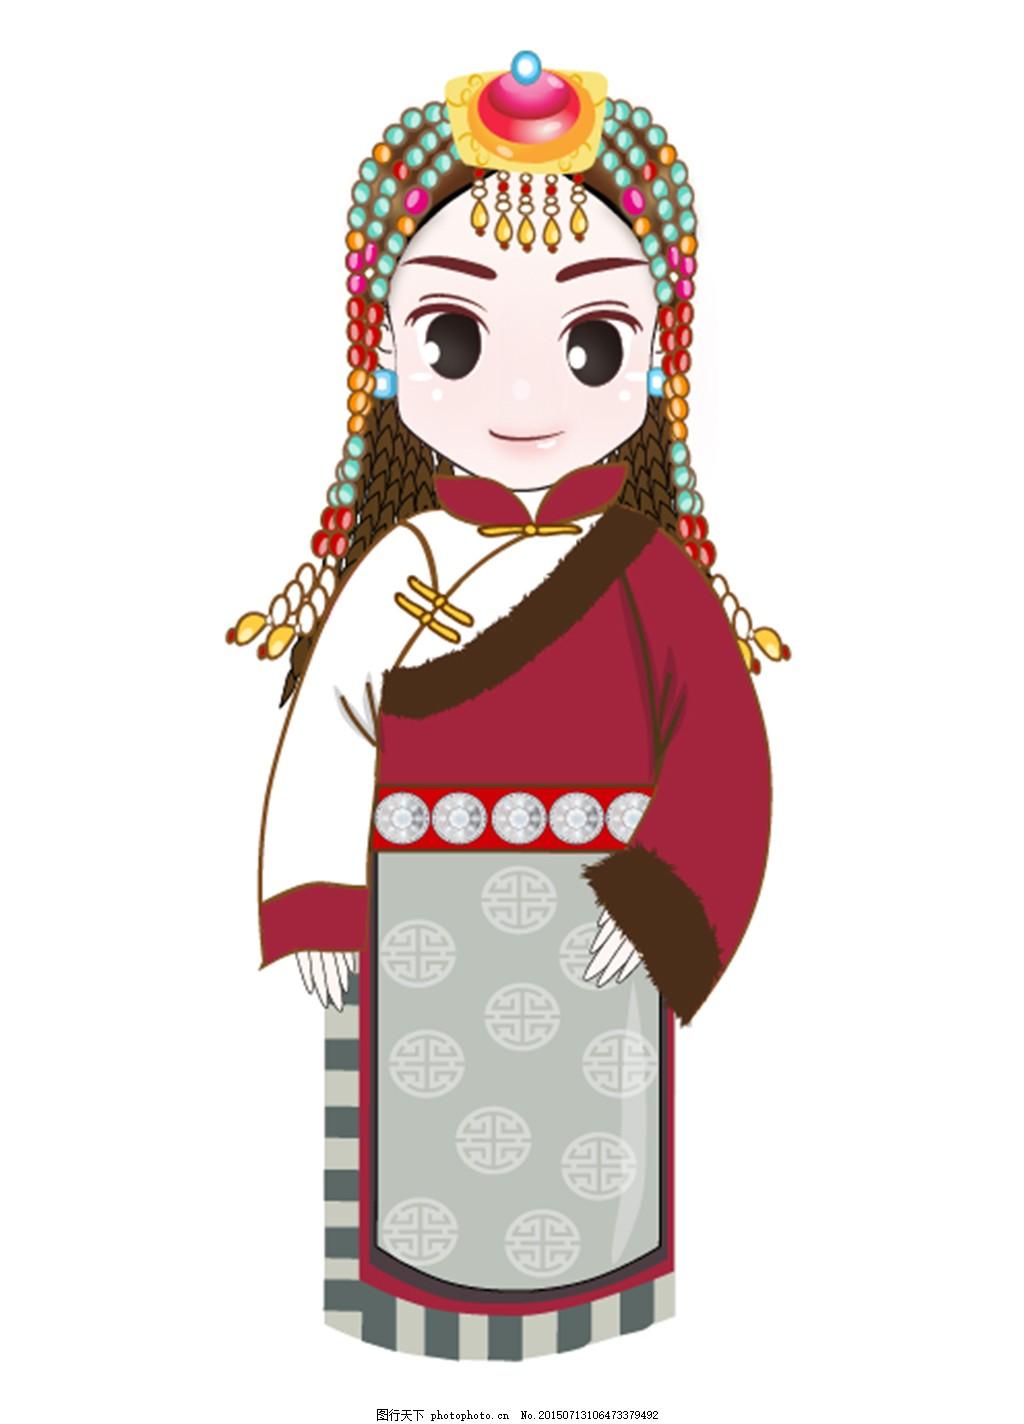 头饰 少数民族 藏族 q版人物 卡通人物 娃娃 眼睛 金童玉女 节日 小孩